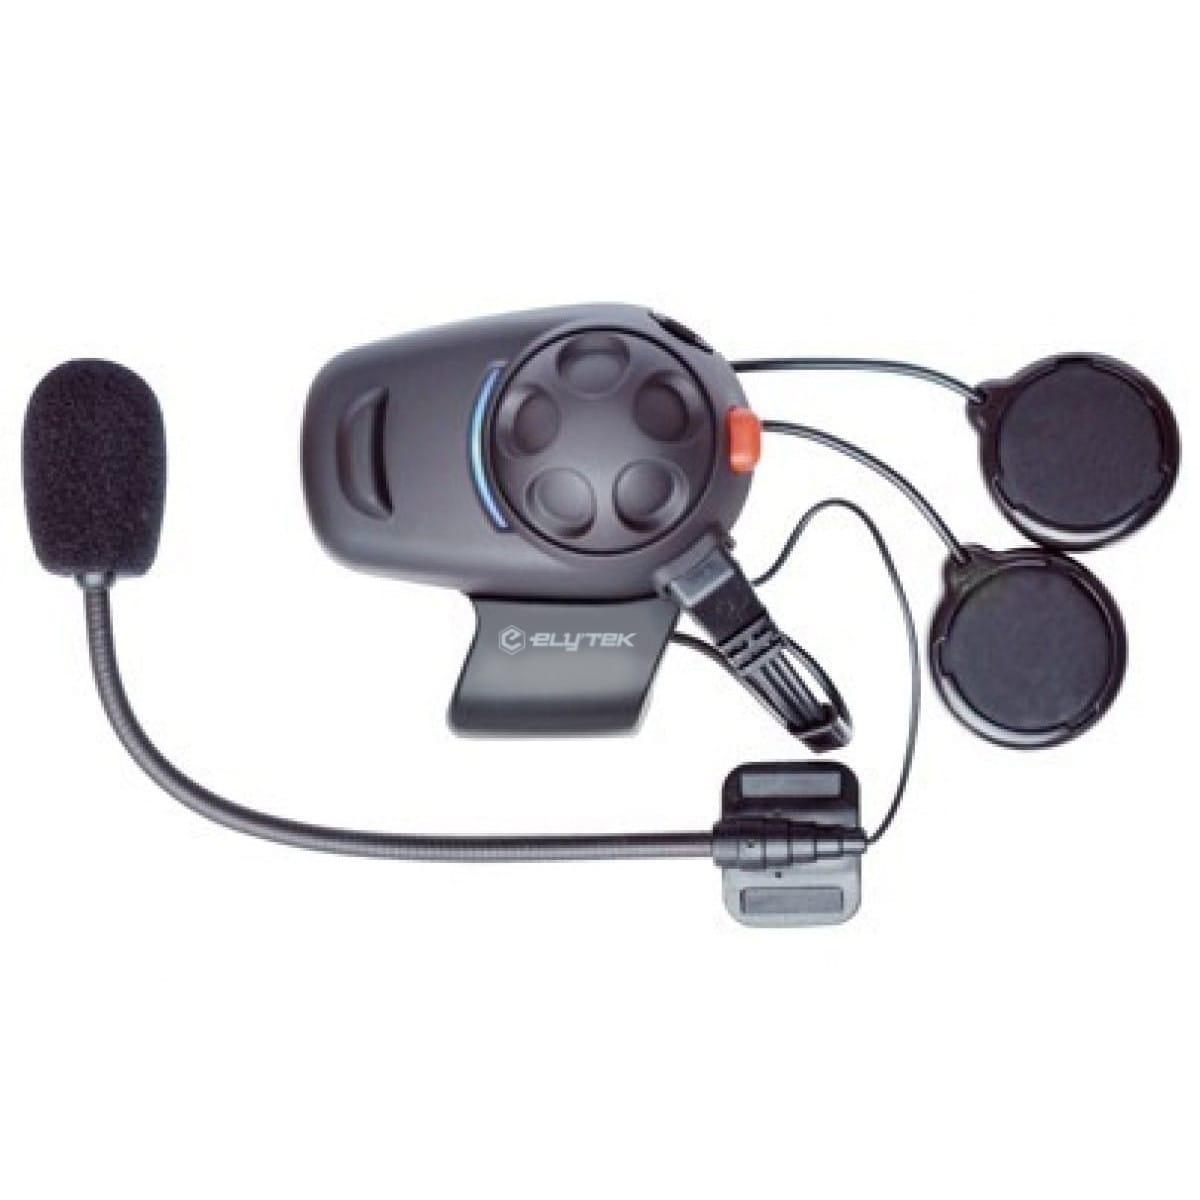 Intercom Bluetooth Ely'Tek SMH5 by Sena